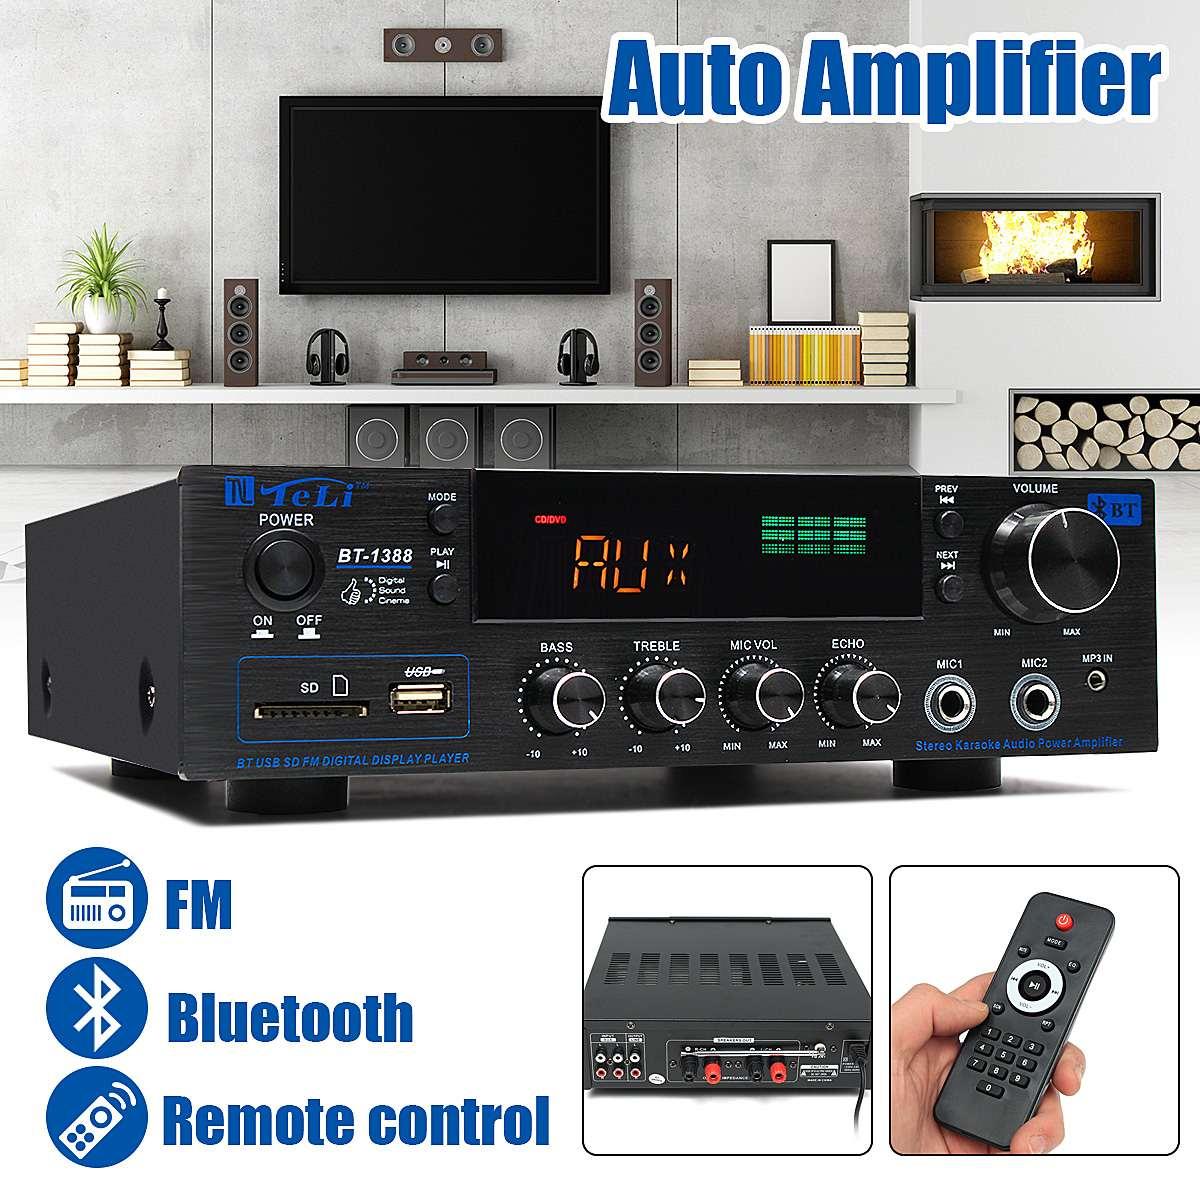 220 V-240 V 1388 2*200 W Bluetooth стерео 2,0 усилитель Hi-Fi питание, дистанционное управление USB SD AUX микрофон Вход автоусилитель